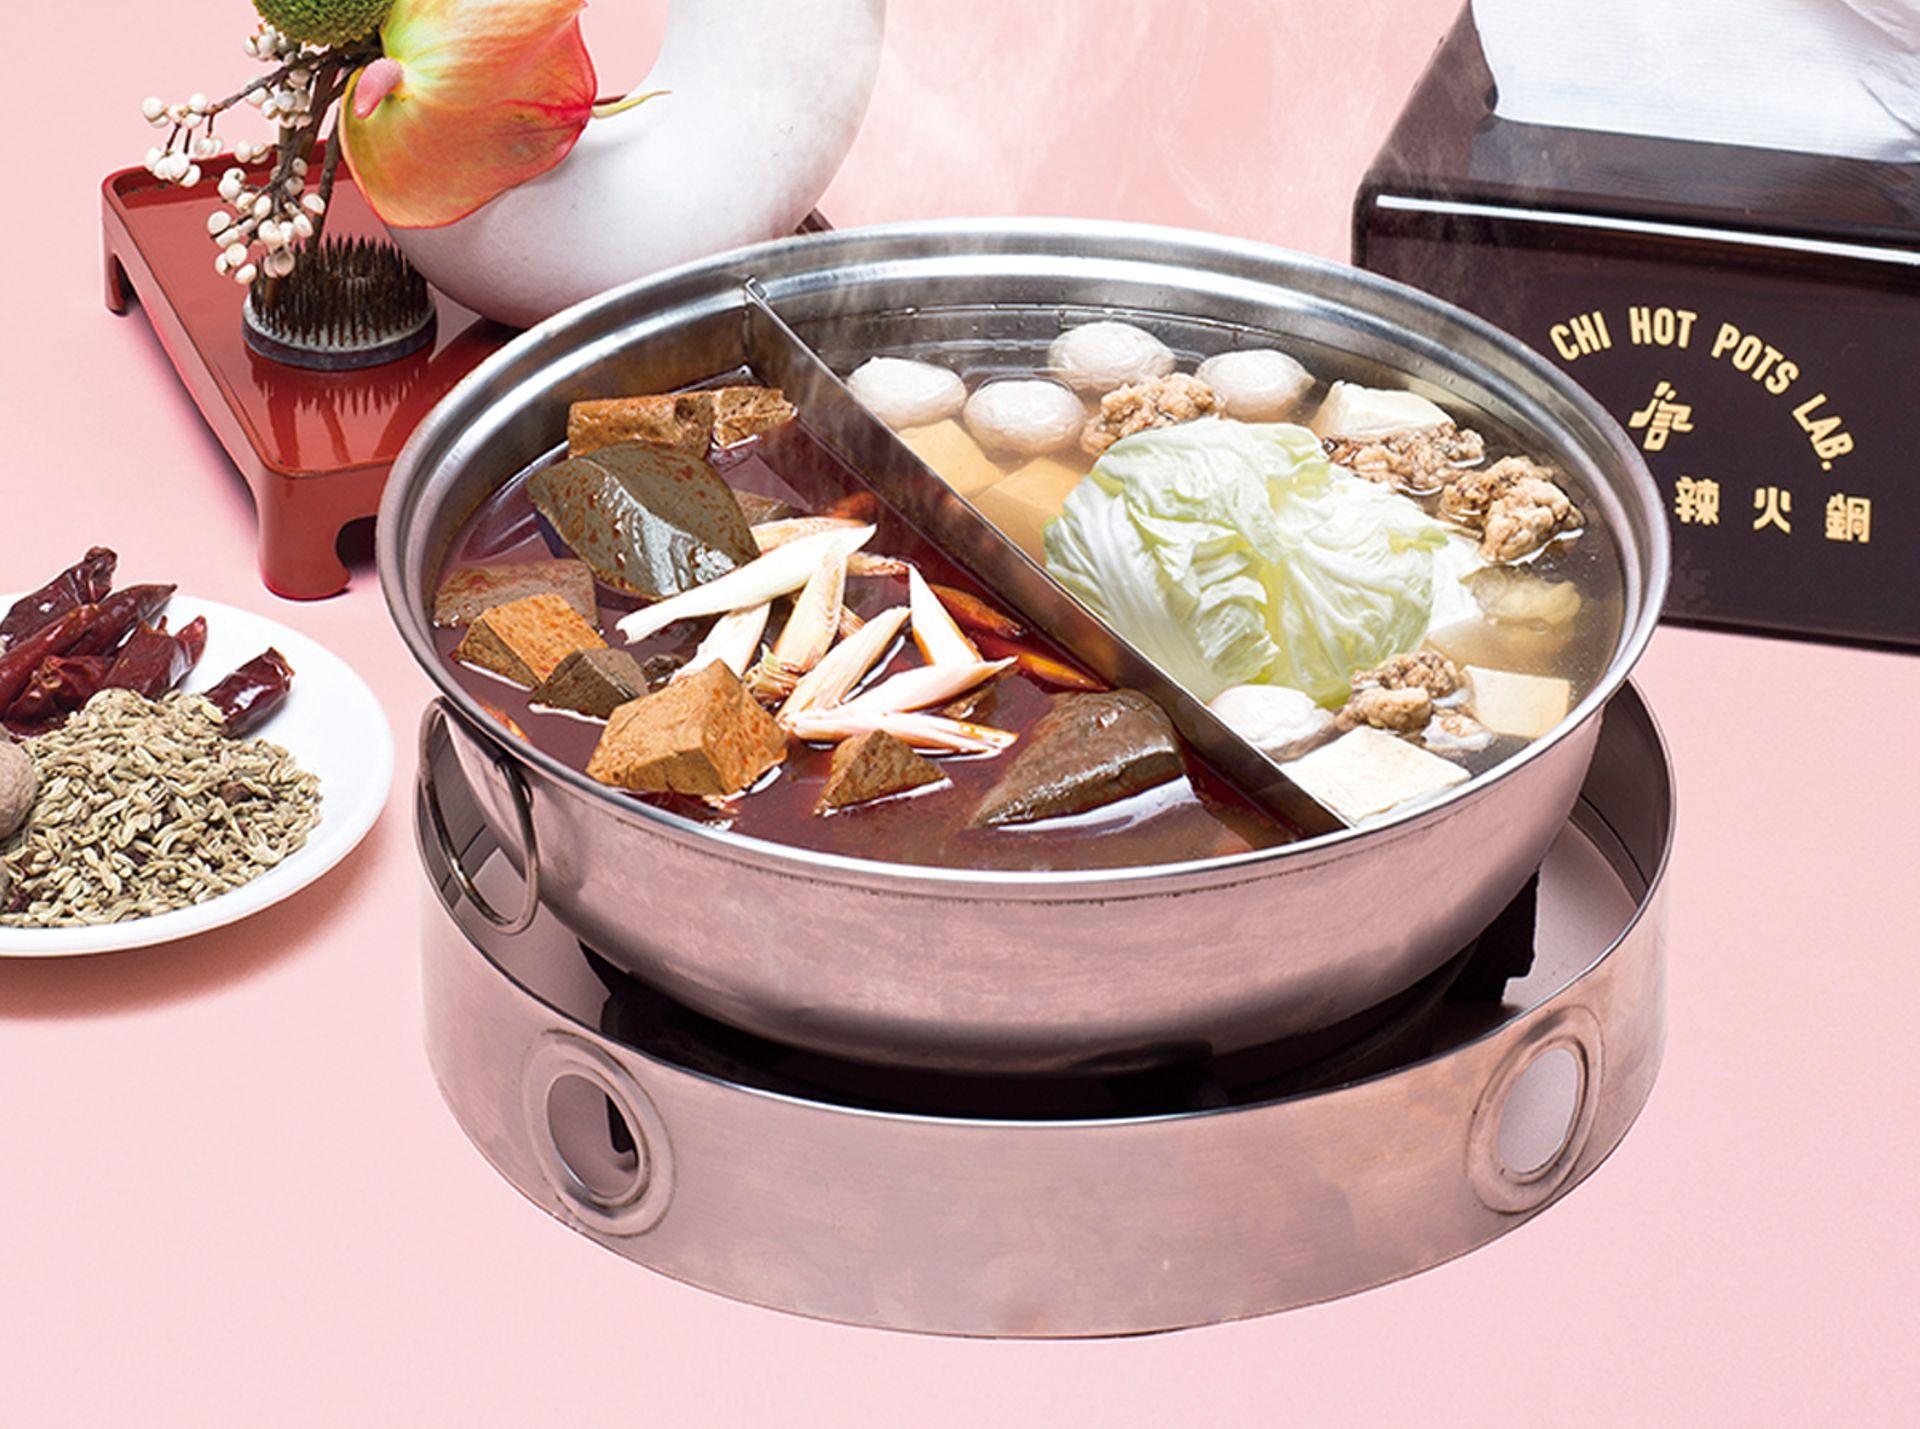 經典麻辣鍋底,必吃滑嫩鴨血和豆腐!